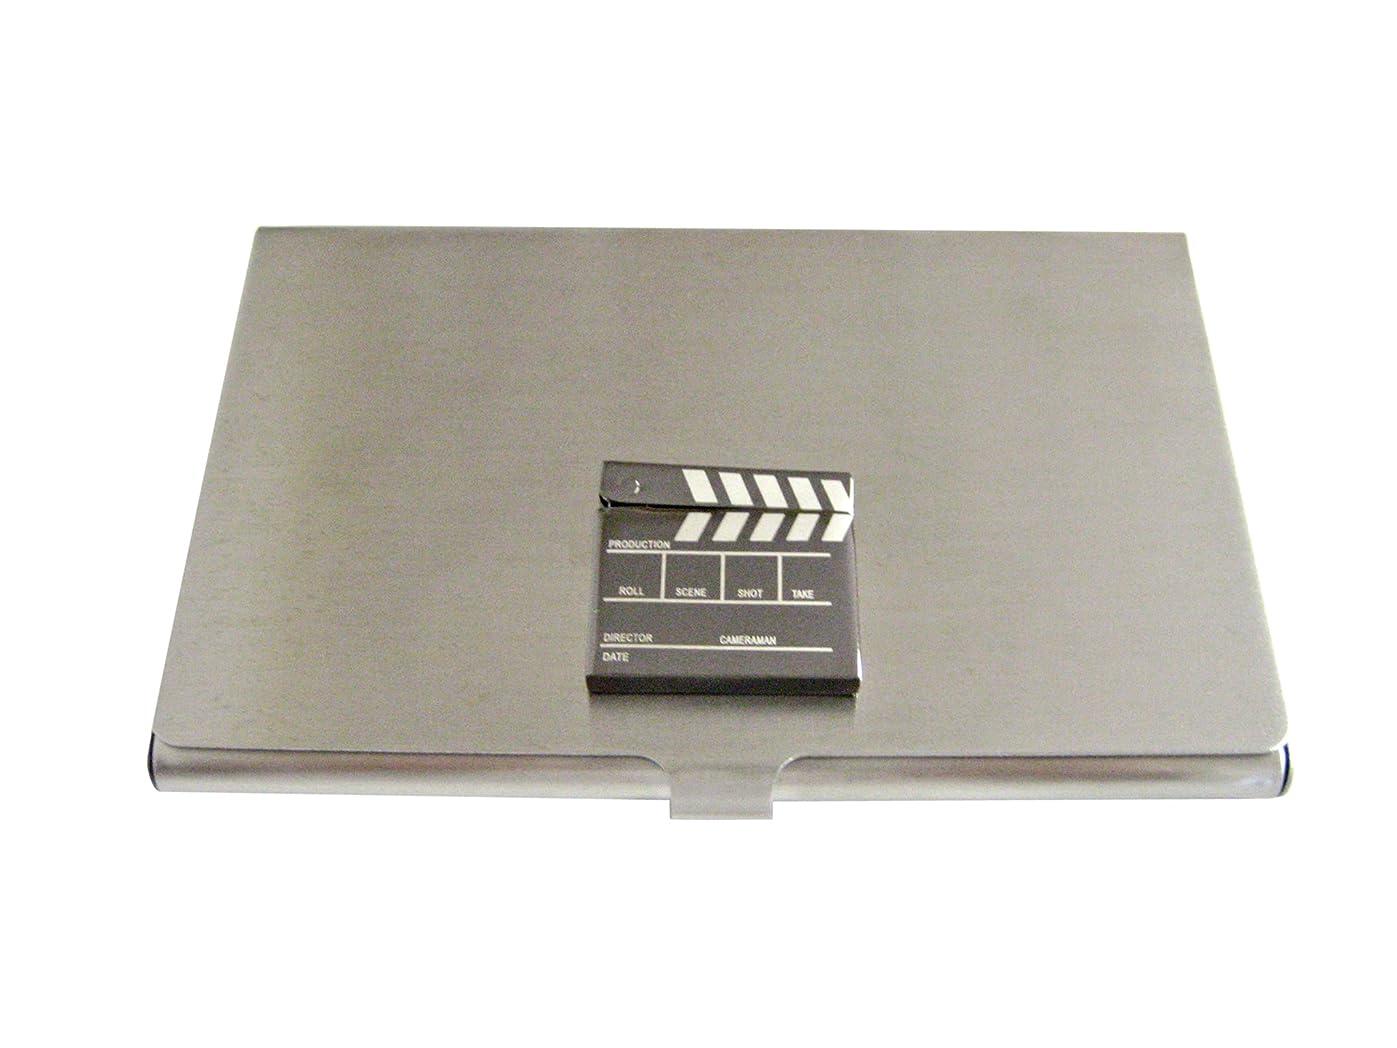 すき思春期の辛い詳細なFilm Clapper Hollywoodビジネスカードホルダー